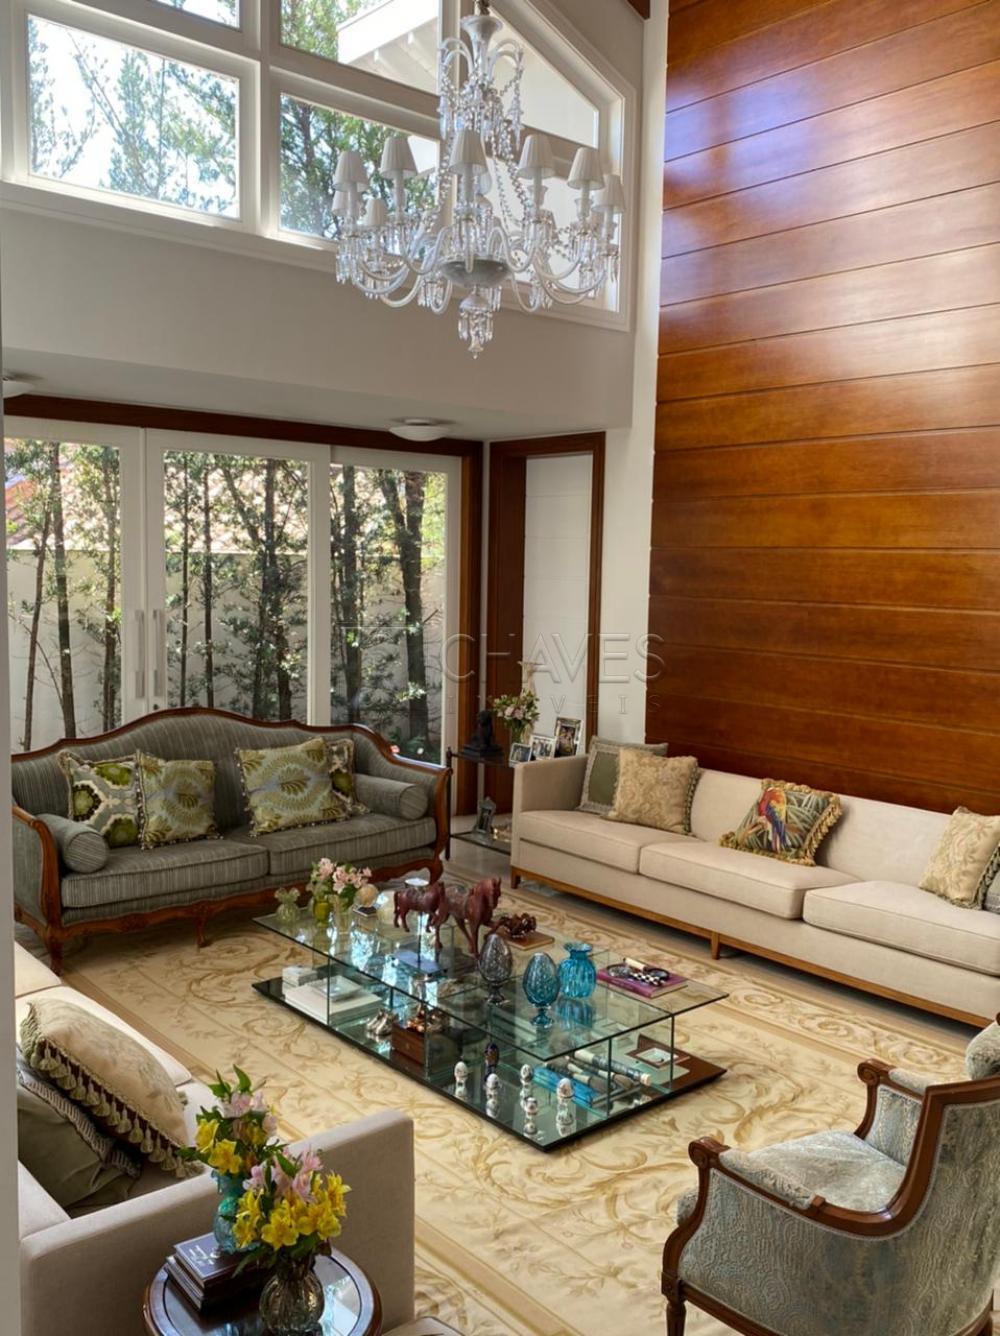 Comprar Casa / Condomínio em Ribeirão Preto R$ 4.900.000,00 - Foto 9